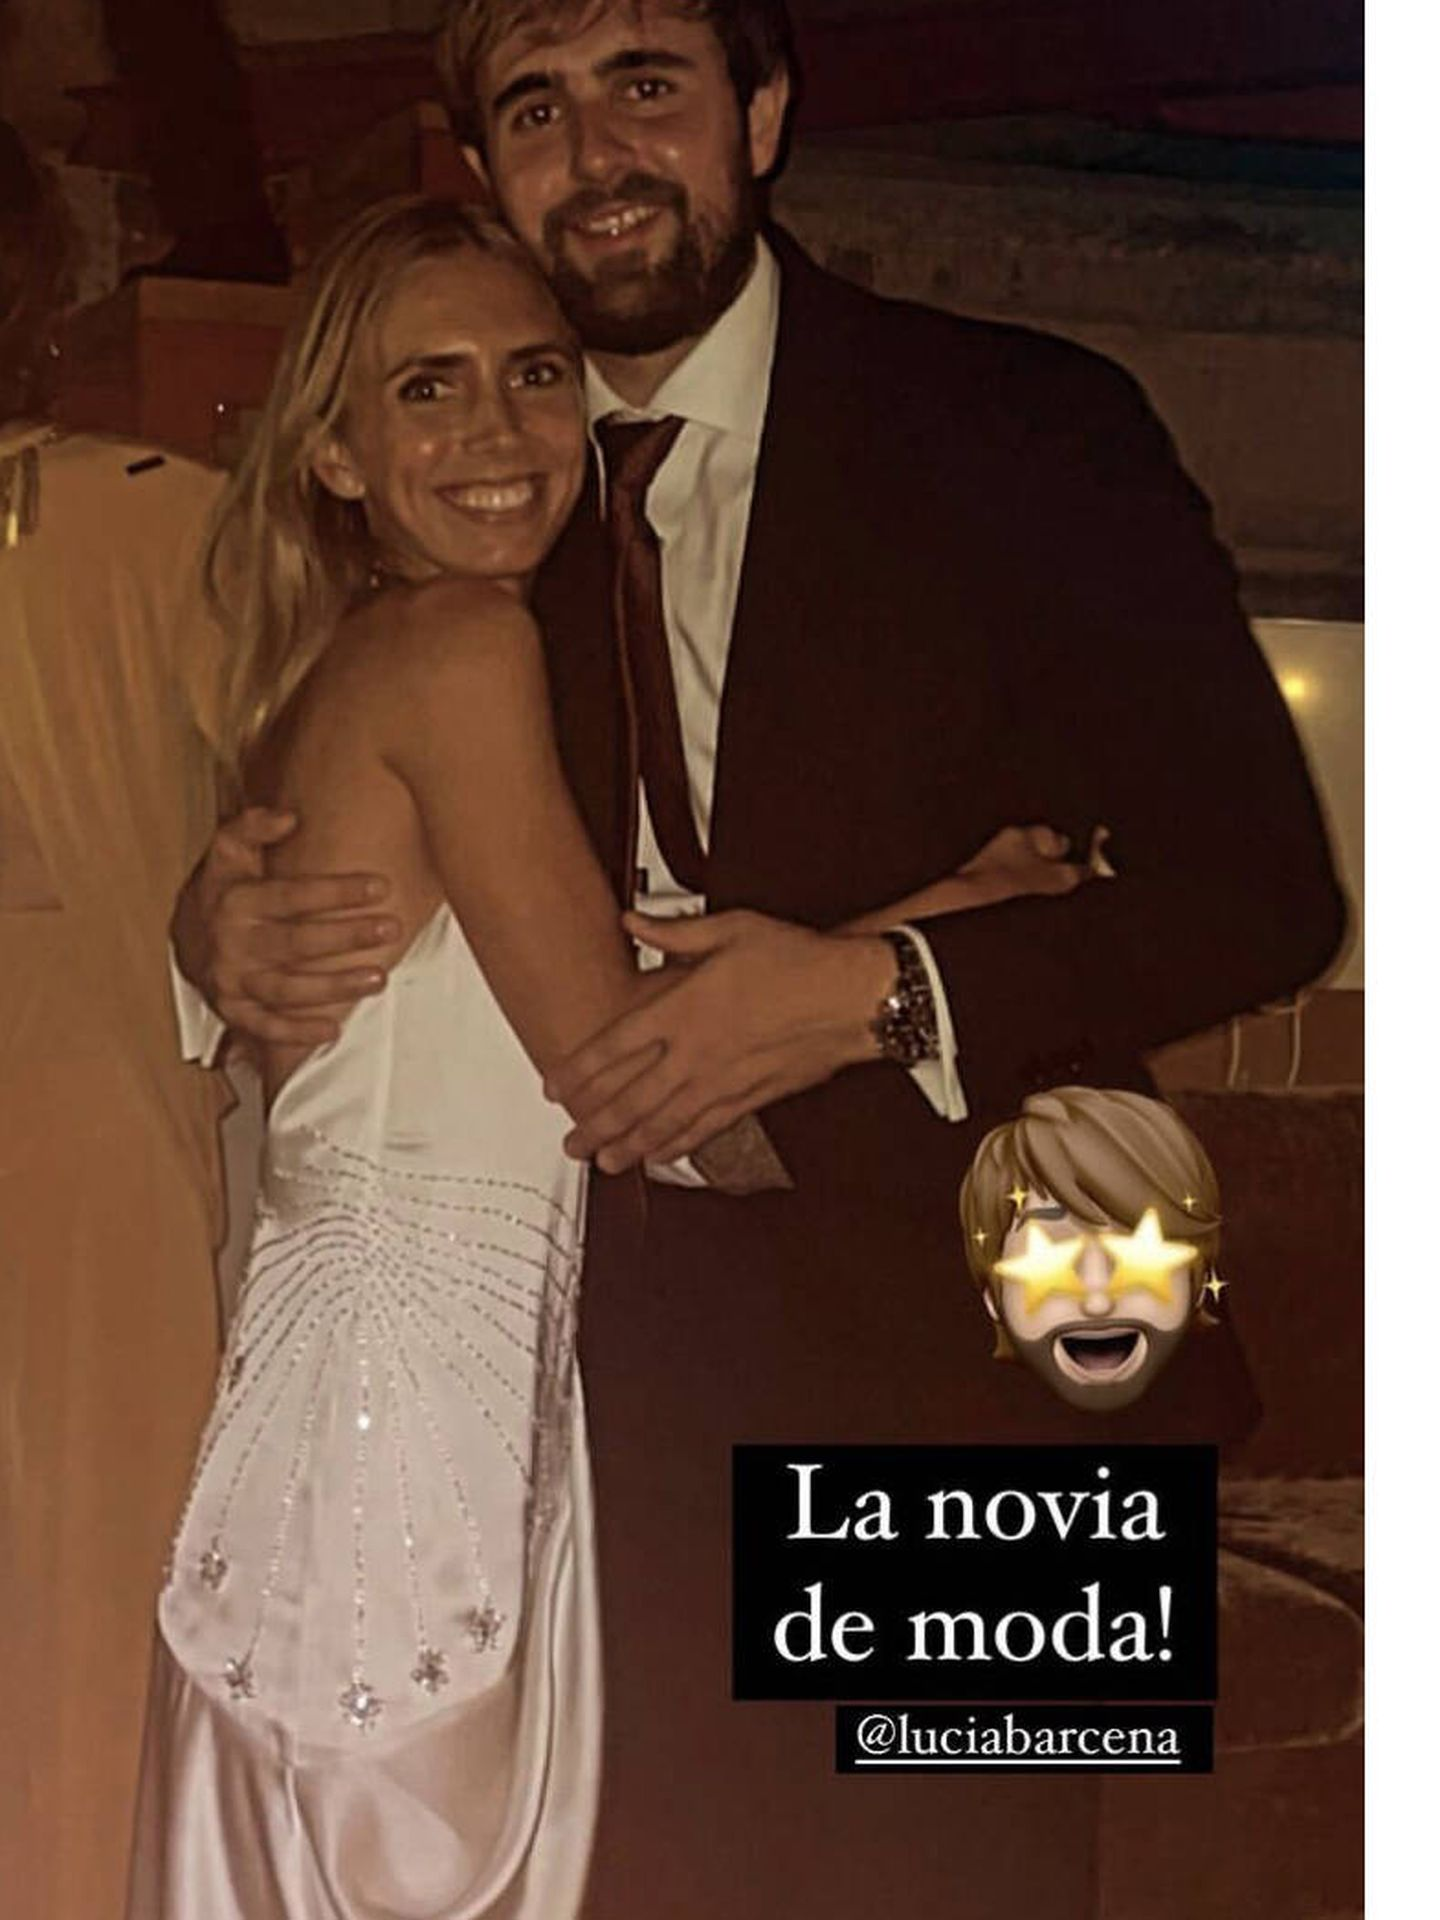 El segundo look de Lucía Bárcena. (Imagen: Instagram)